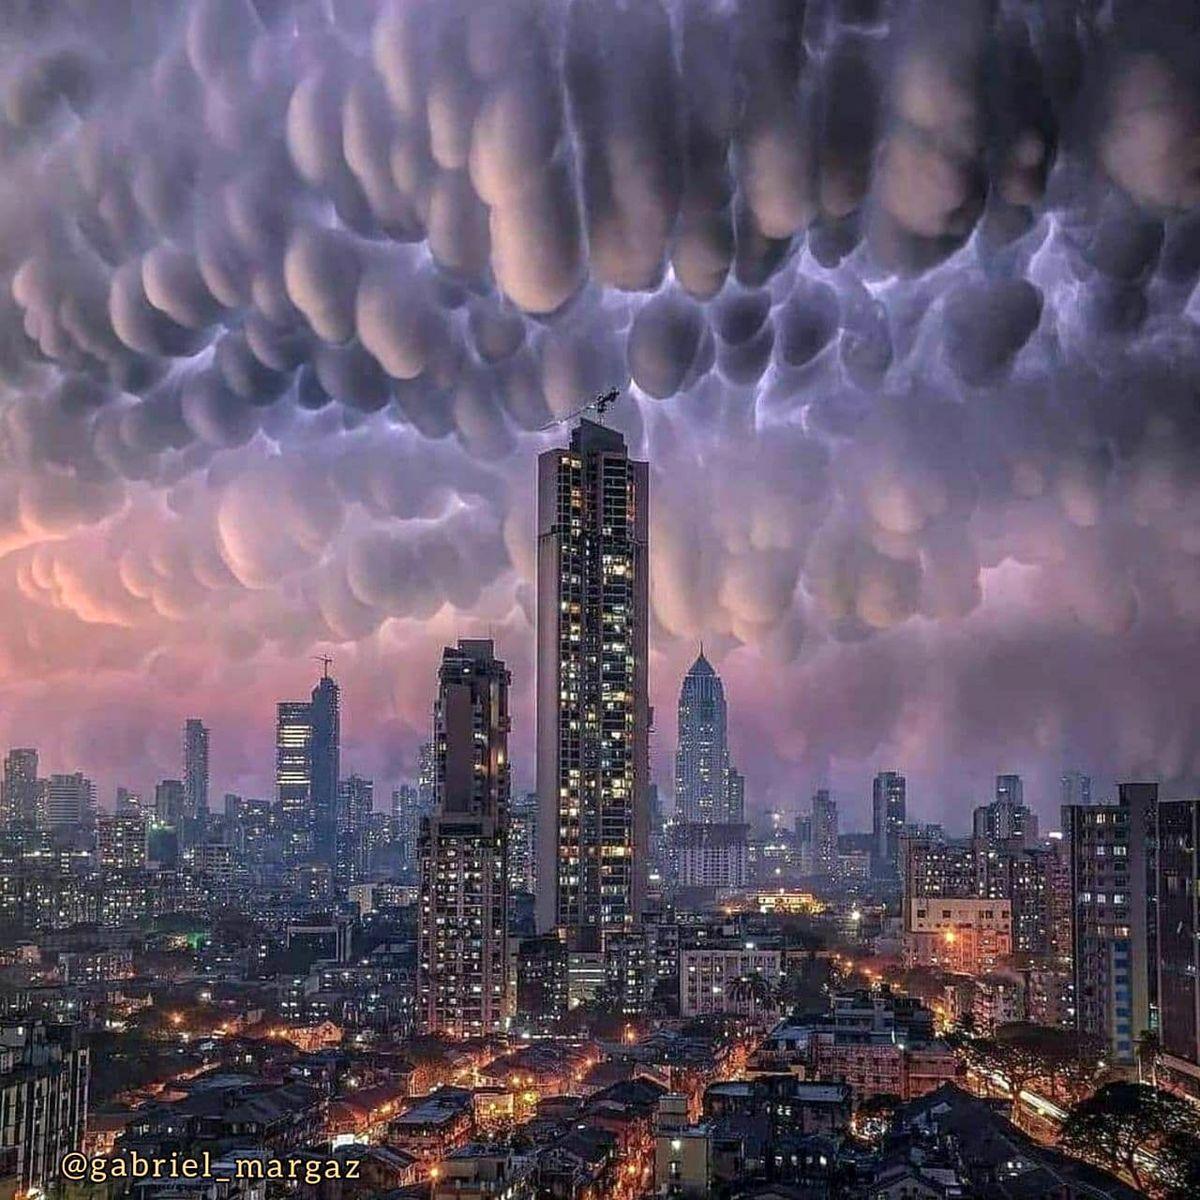 تصویری هولناک از ابرها که ماماتوس نام دارد